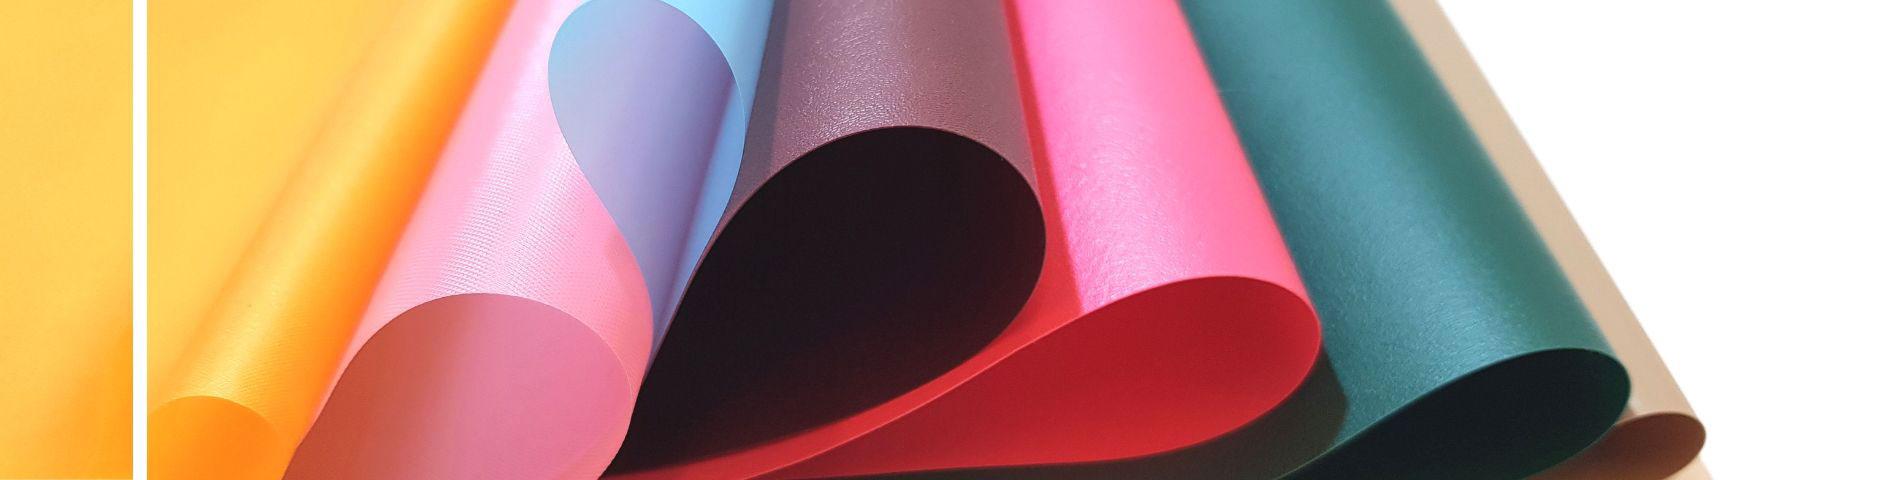 ورقة PVC مرنة مخصصة